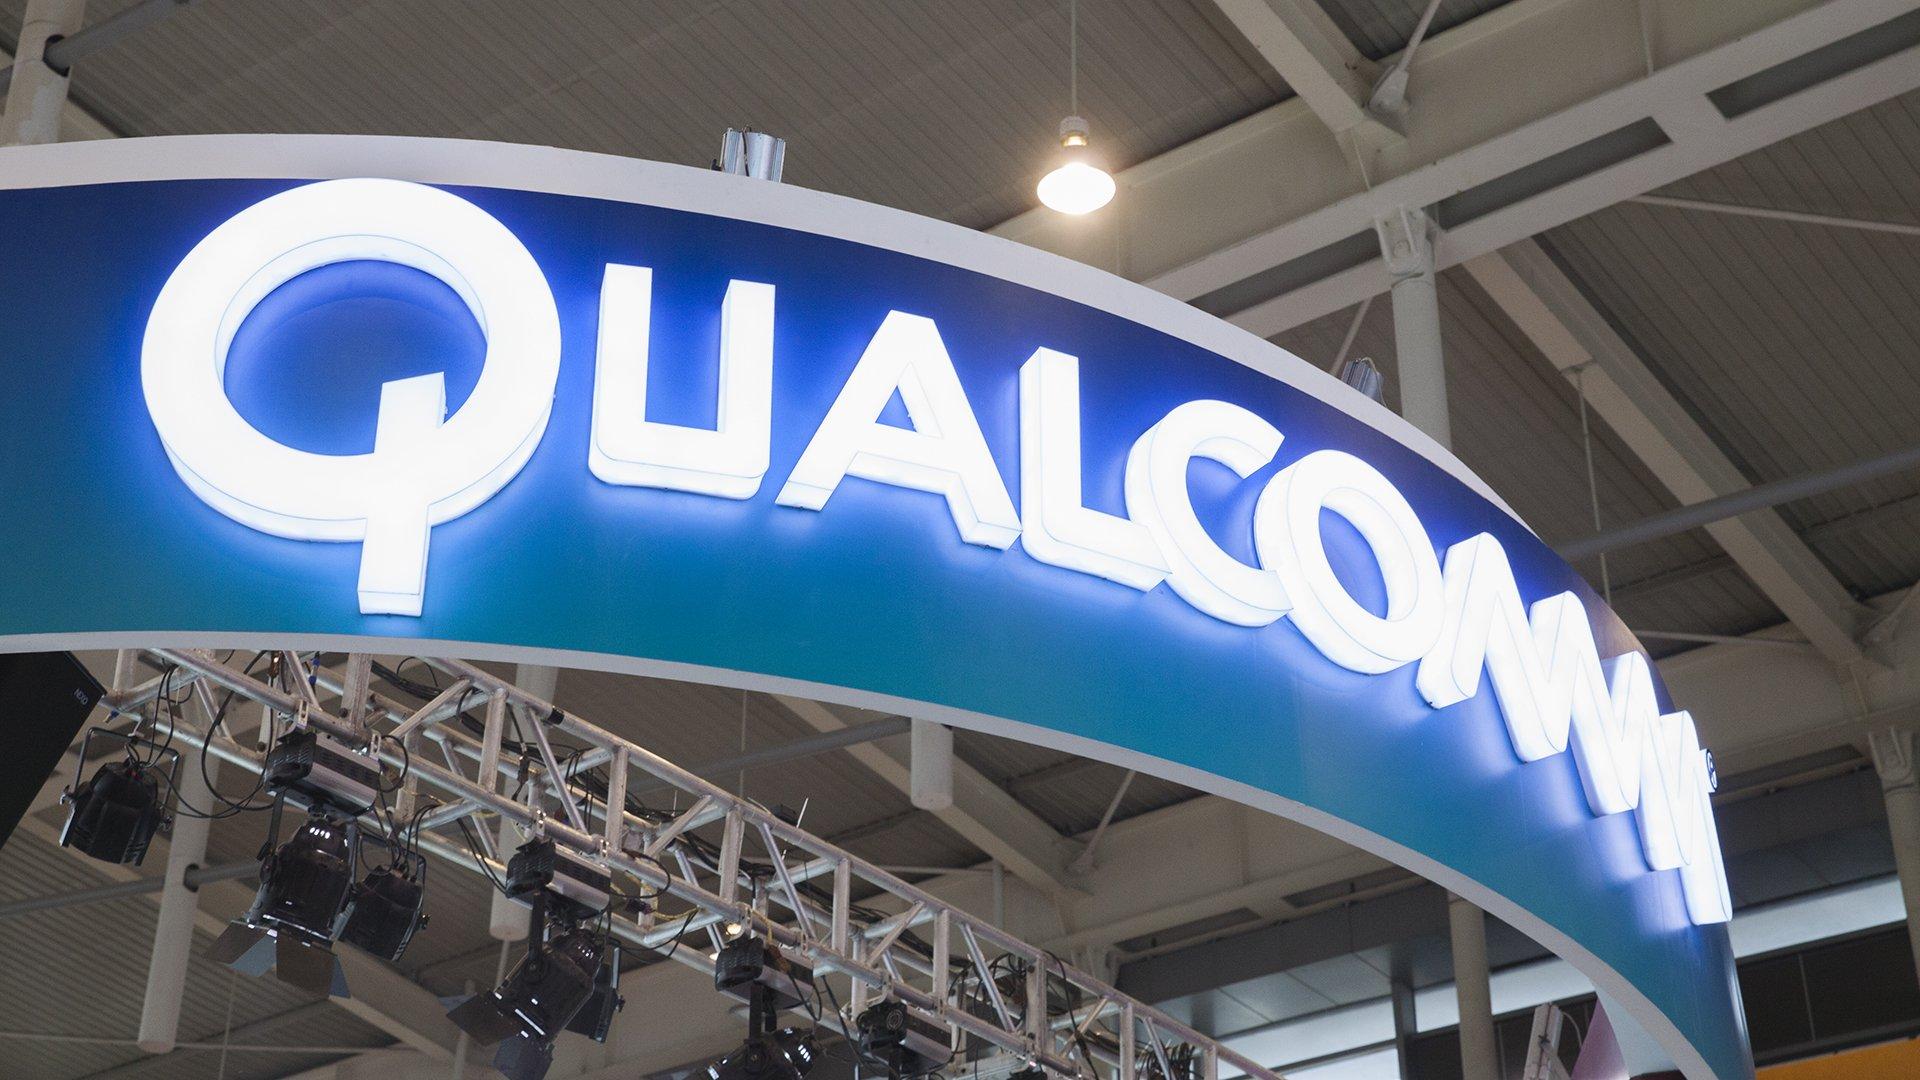 壟斷智慧型手機關鍵元件,FTC 正式起訴 Qualcomm